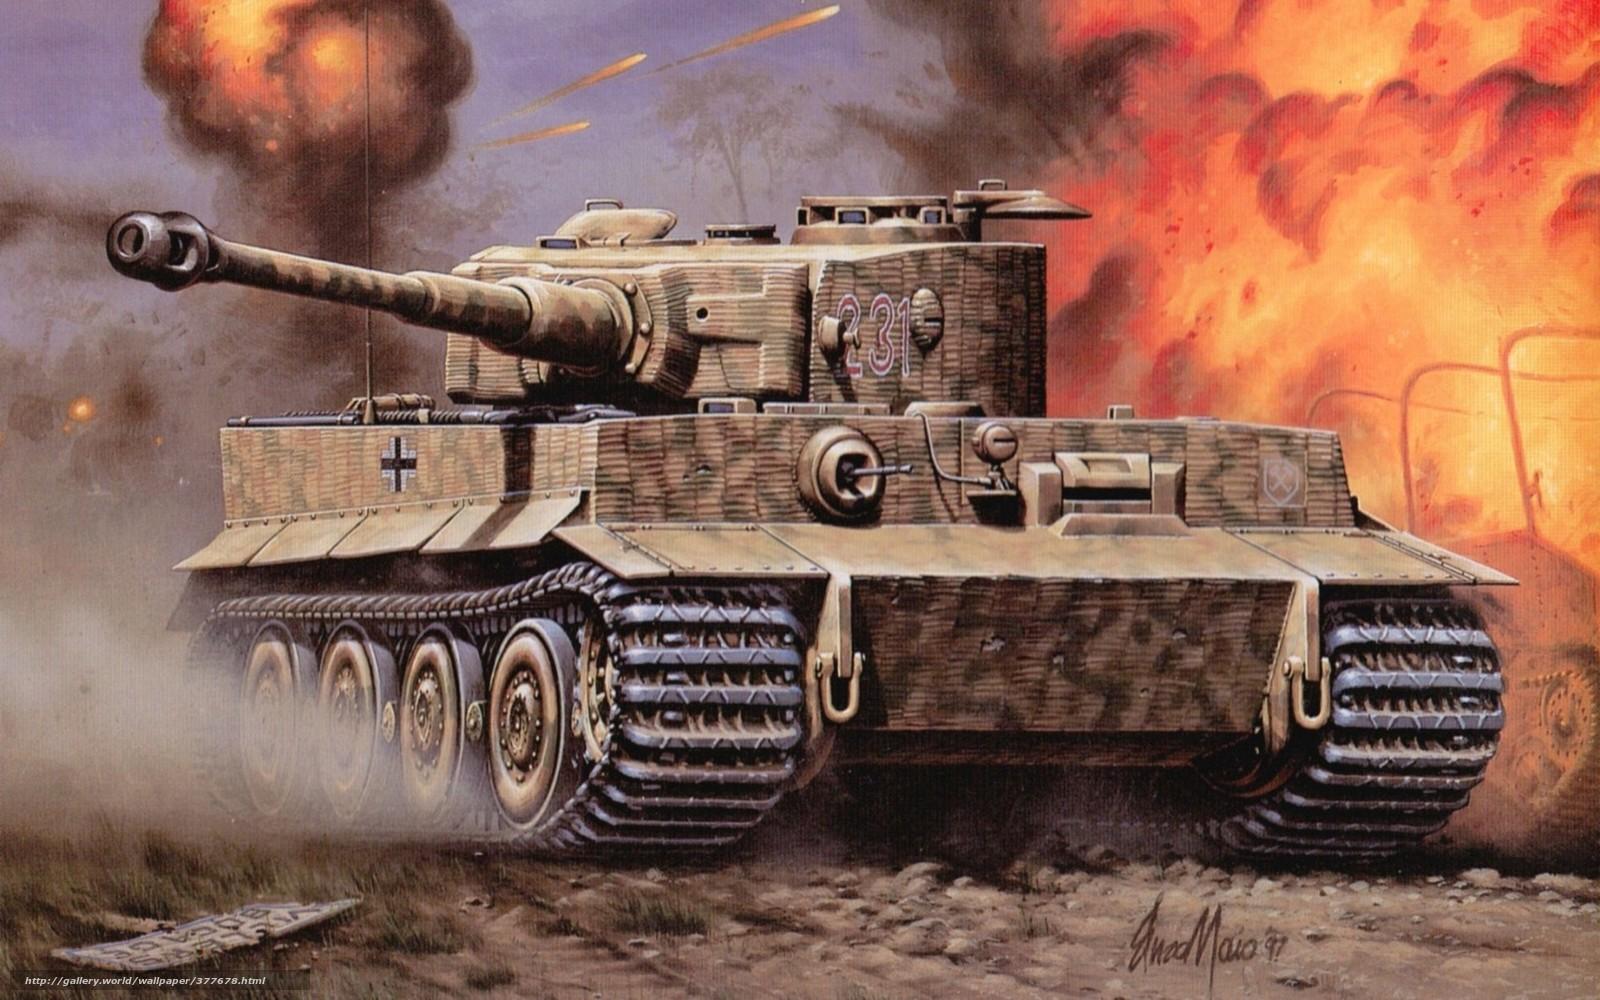 Скачать обои танк тигр огонь война